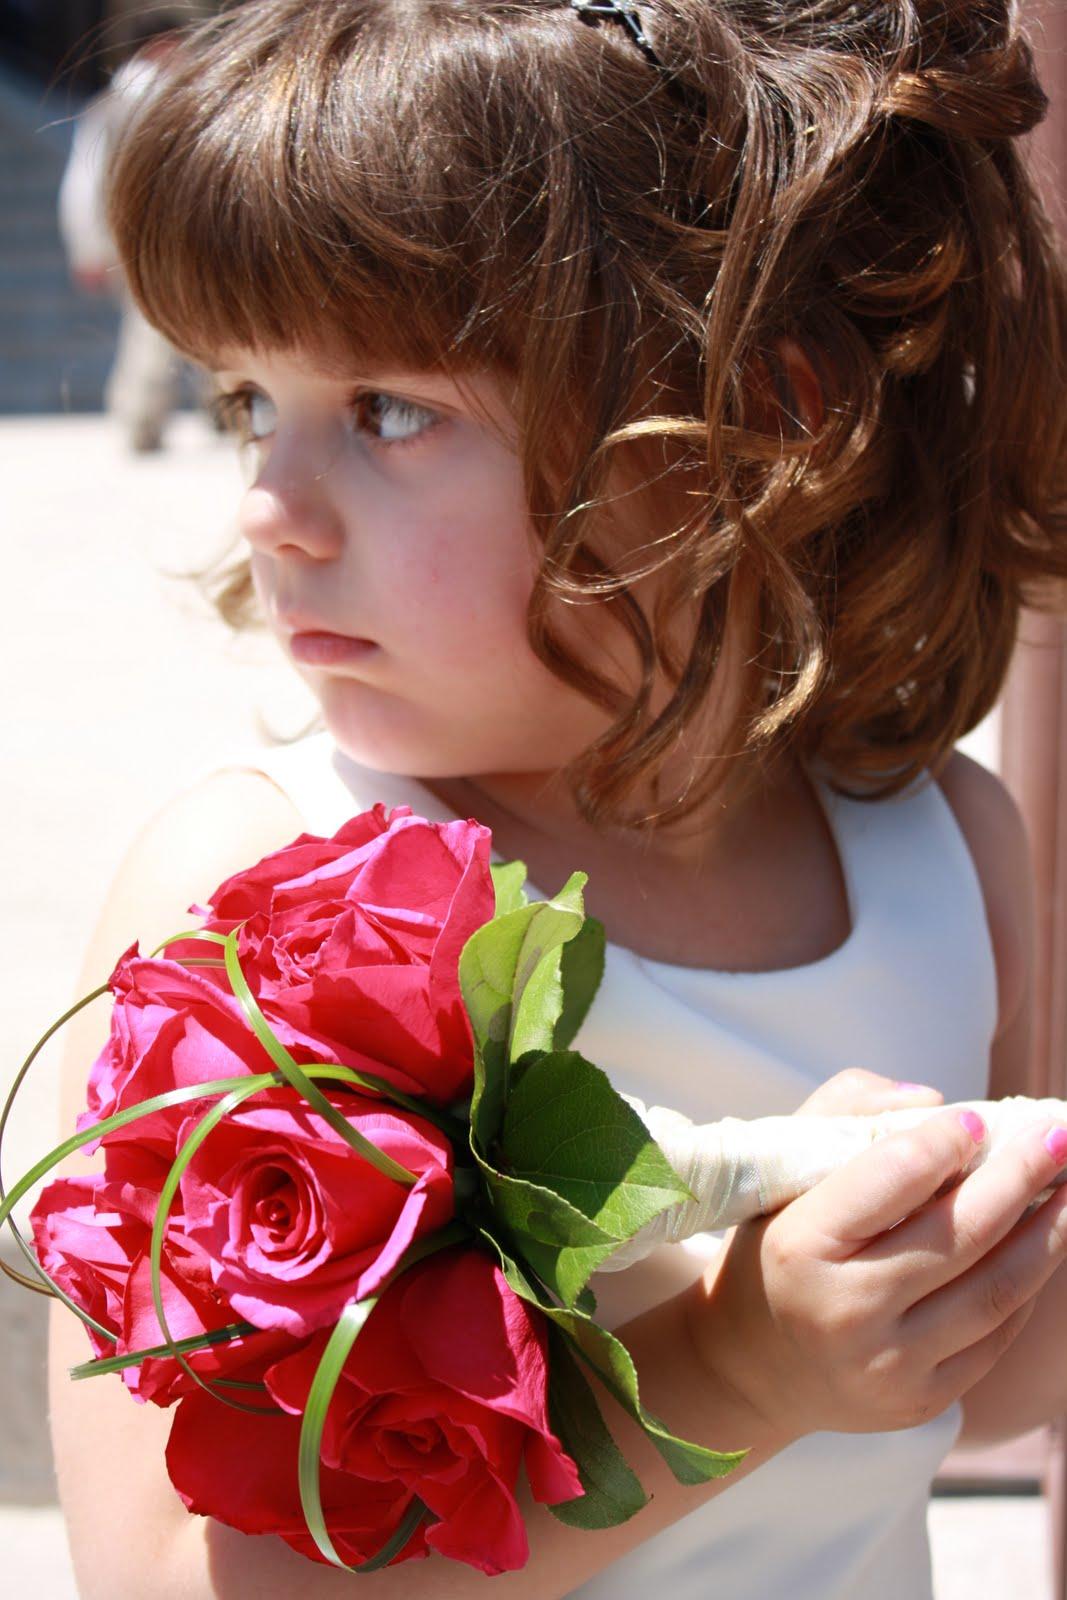 Isnt She An Adorable Flower Girl